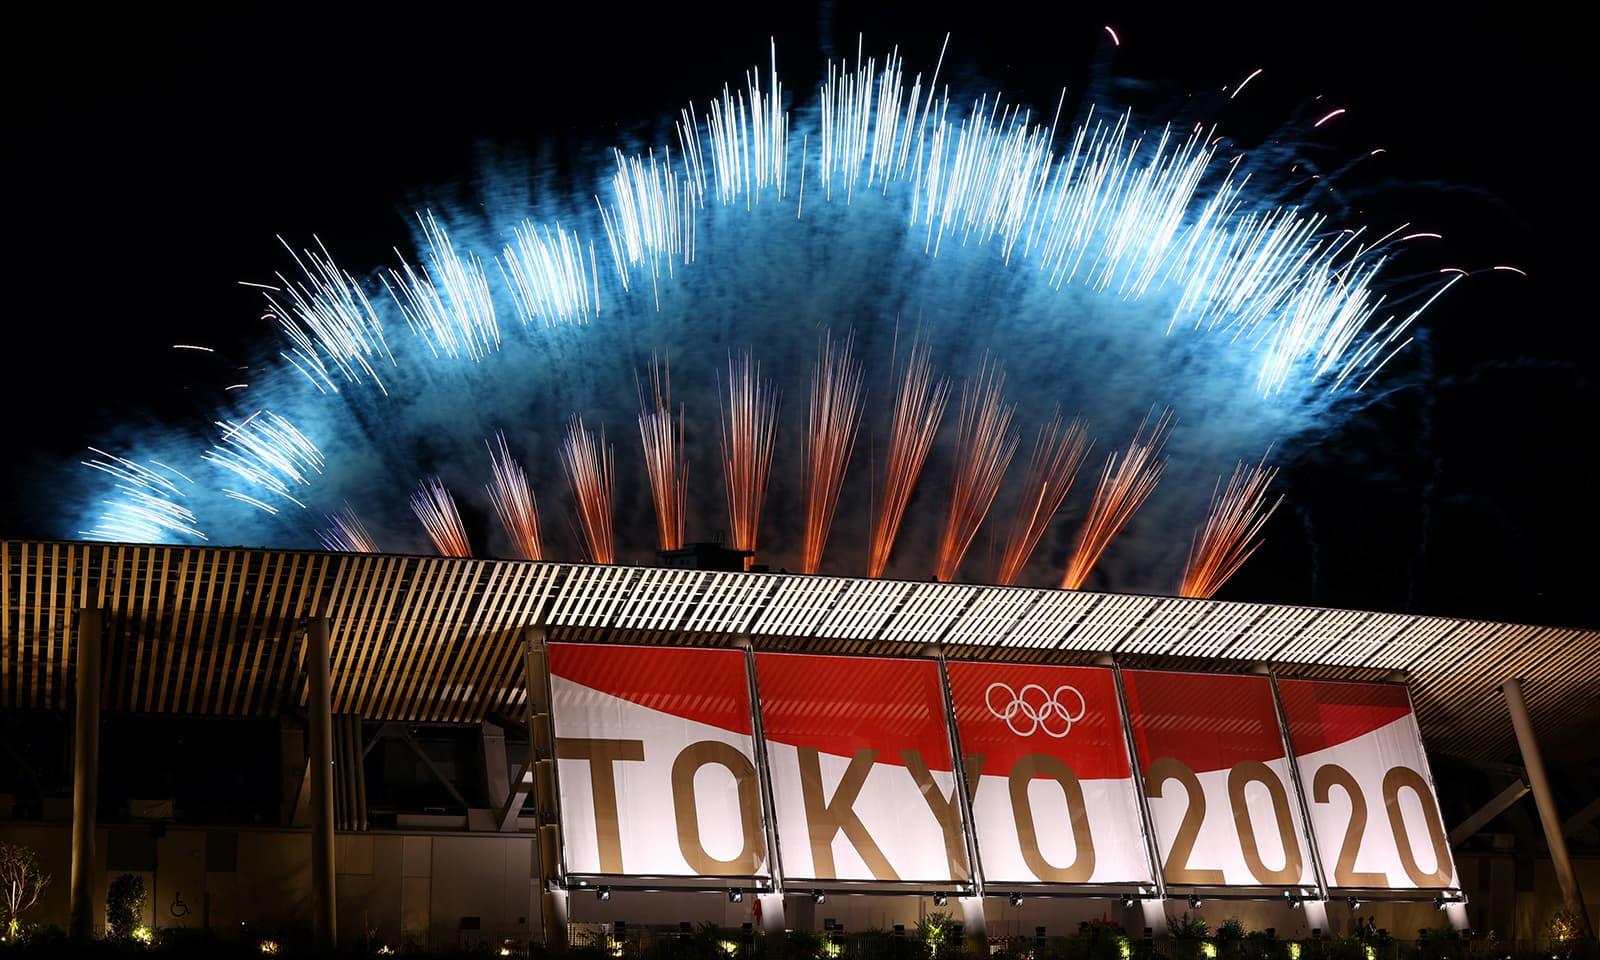 ٹوکیو اولمپکس مقابلے 16 روز جاری رہنے کے بعد اختتام پذیر ہوگئے—فوٹو:رائٹرز